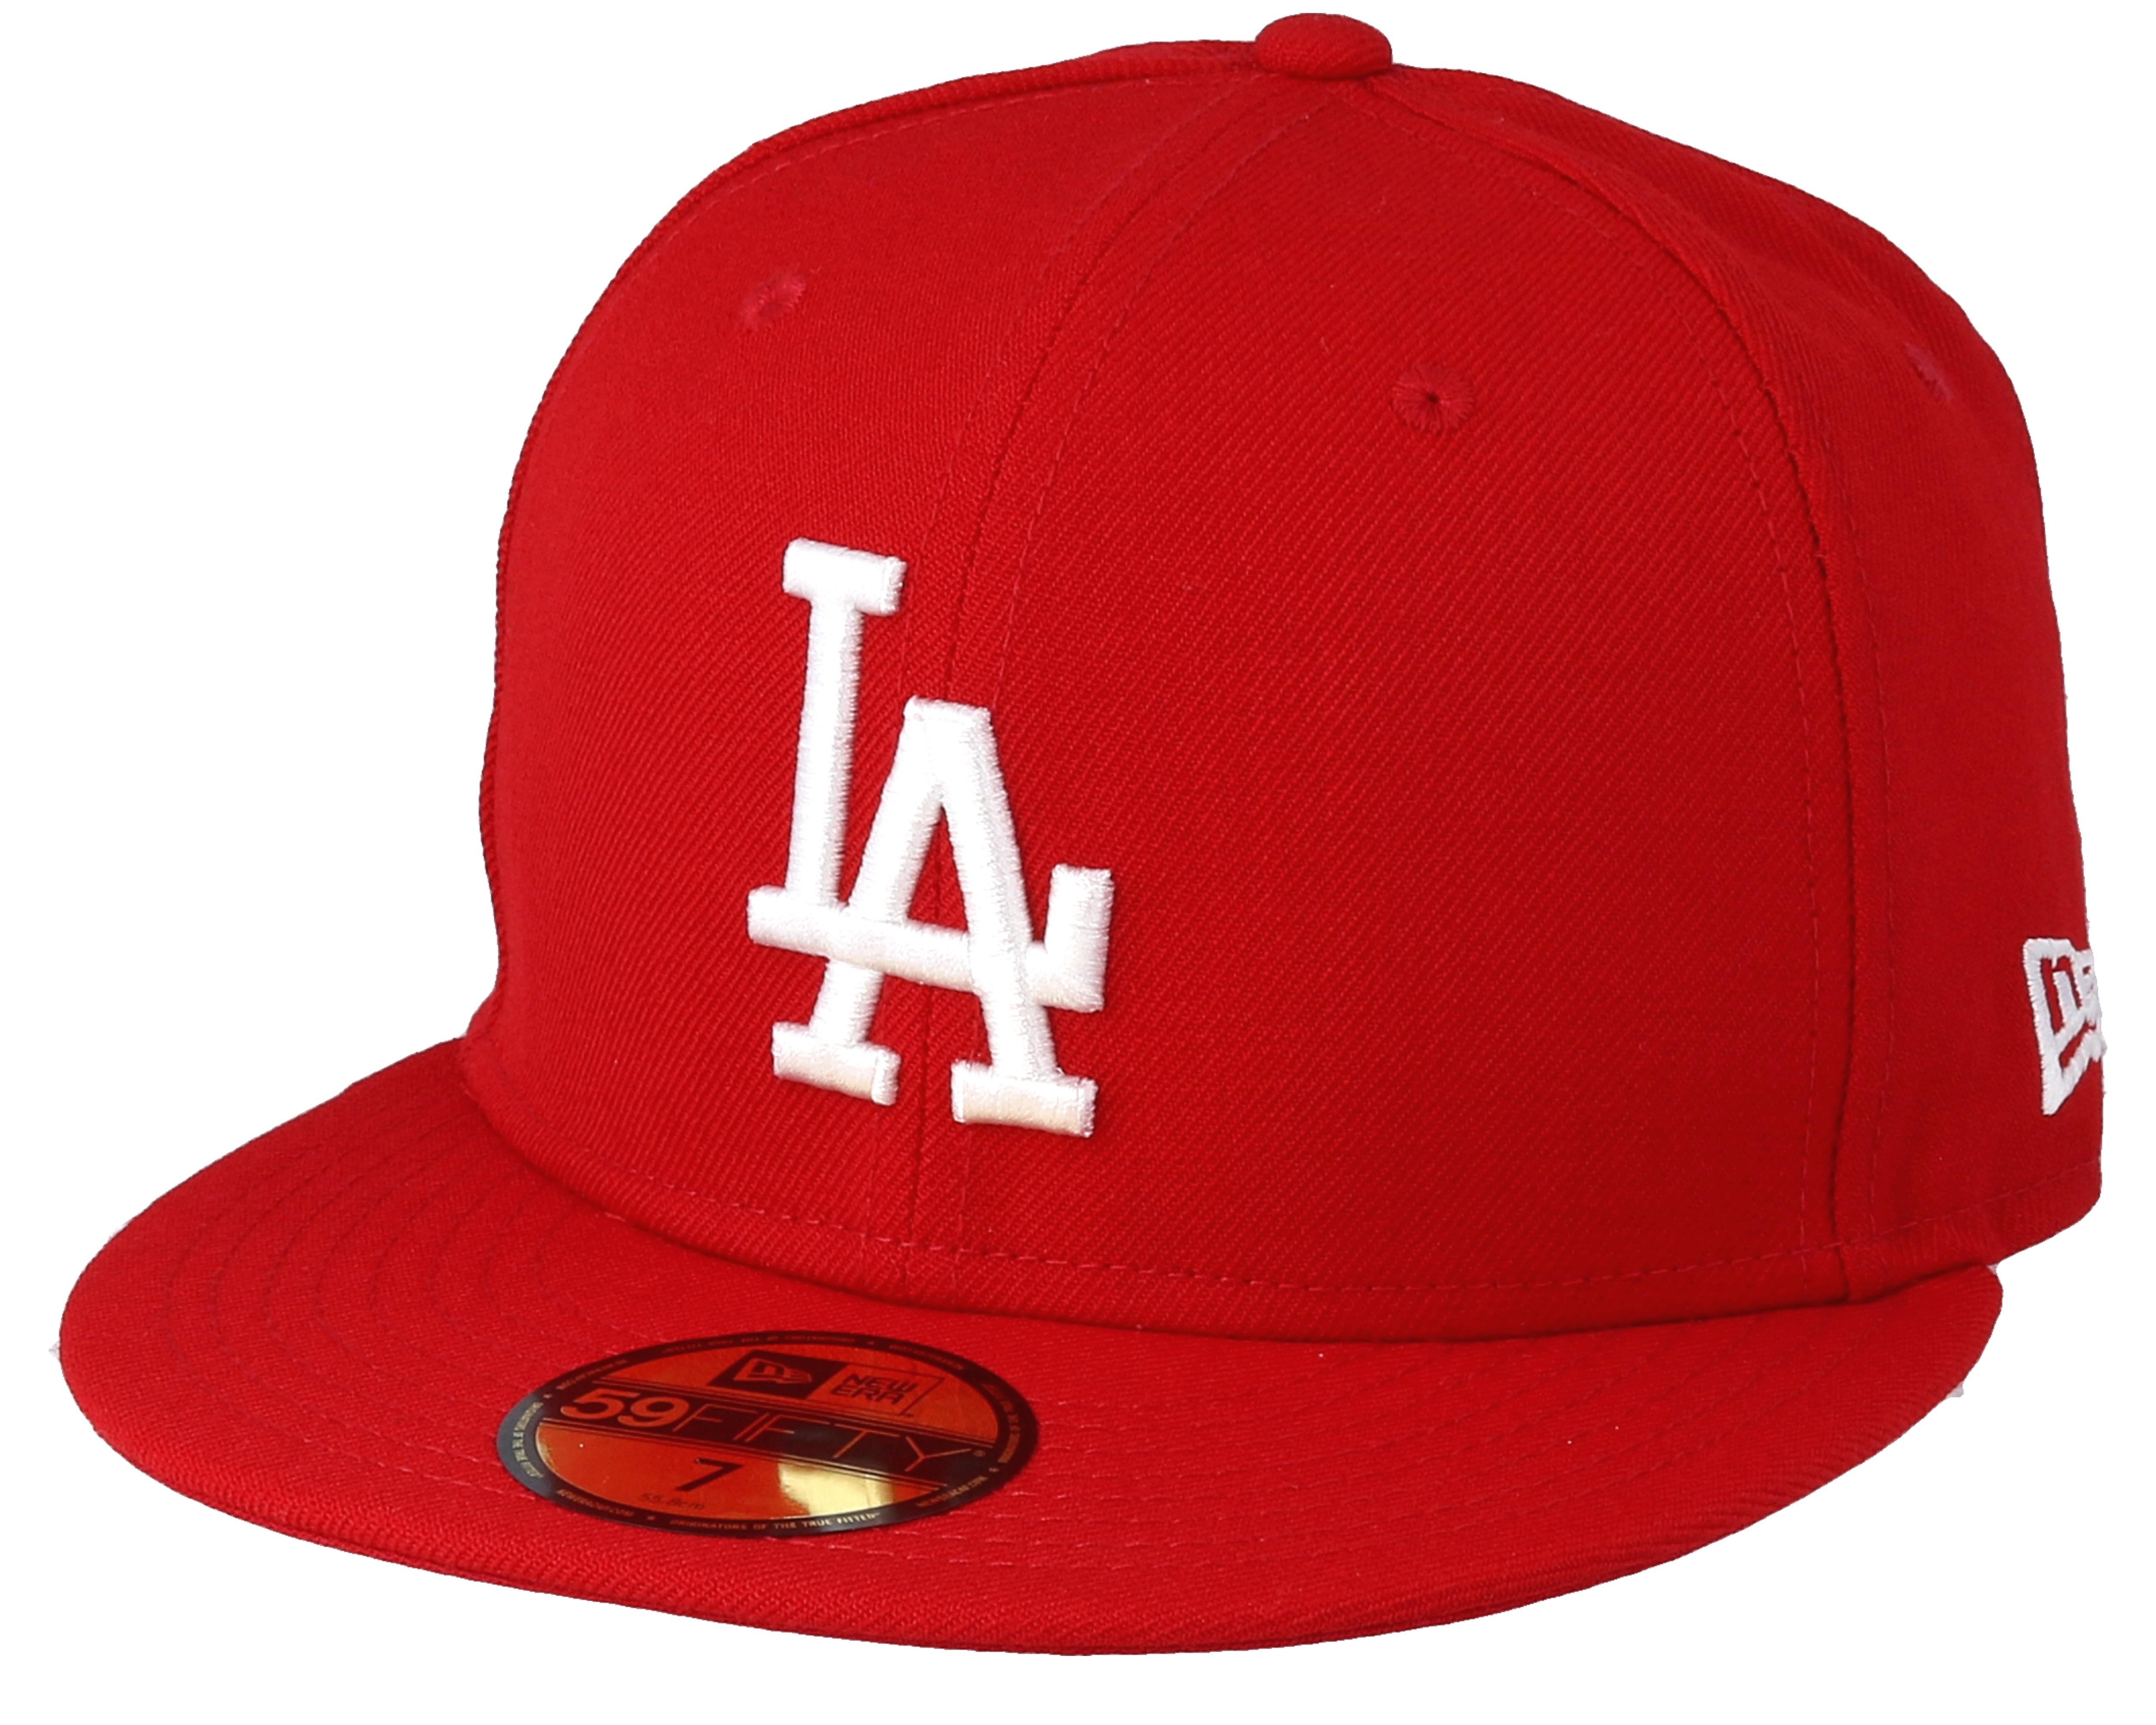 LA Dodgers MLB 59fifty Scarlet - New Era caps  b3677accb48